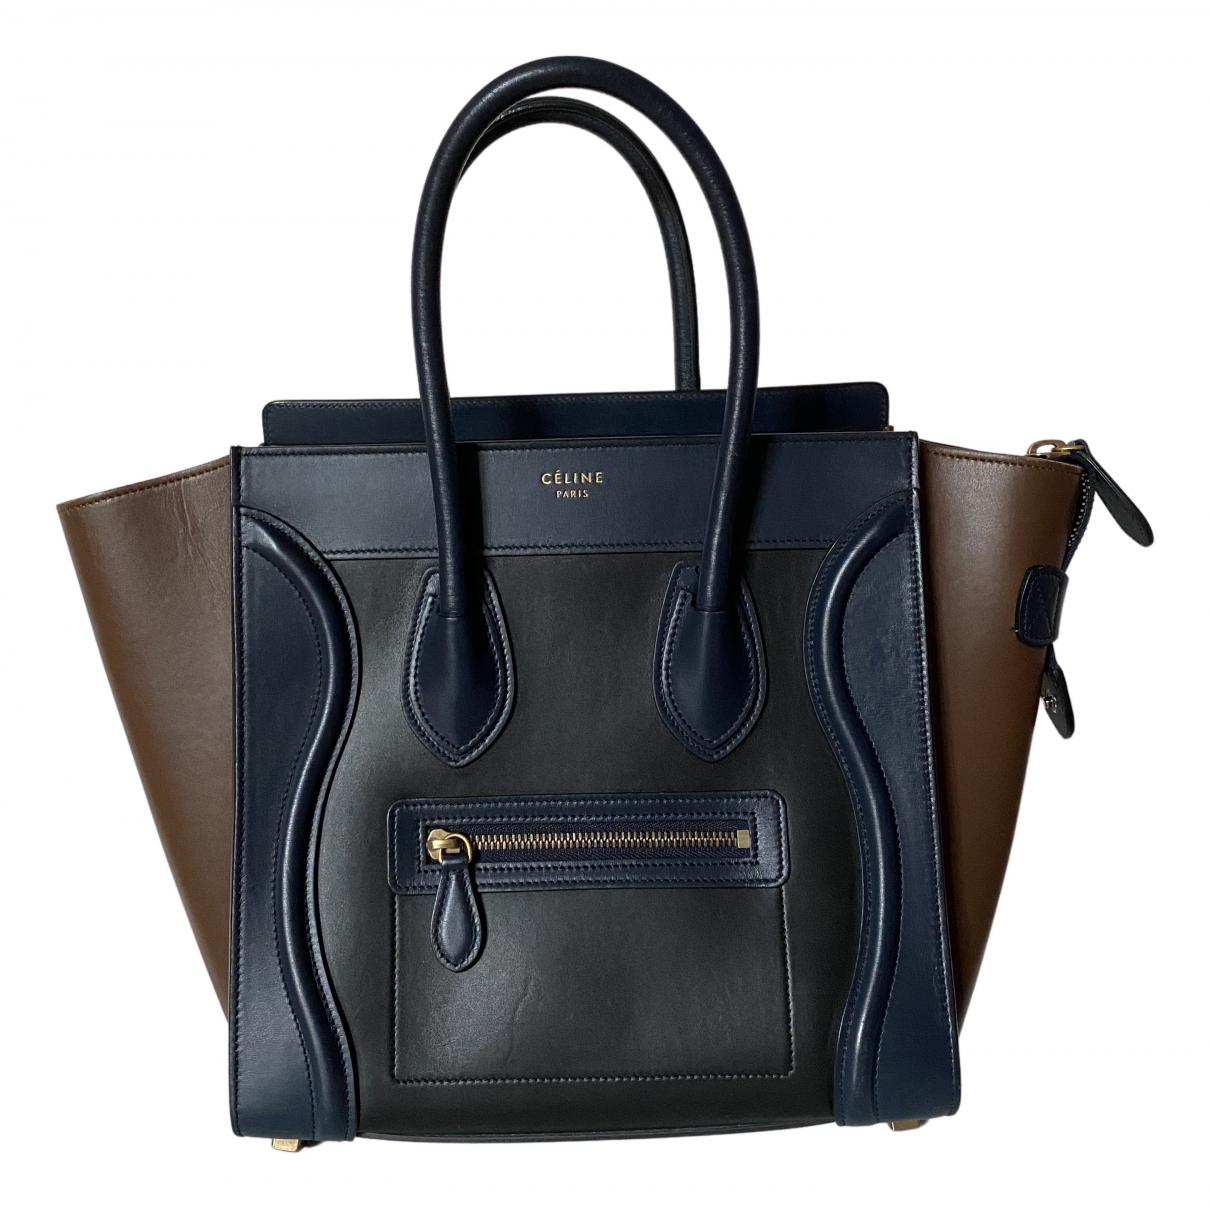 Celine - Sac a main Luggage pour femme en cuir - bleu